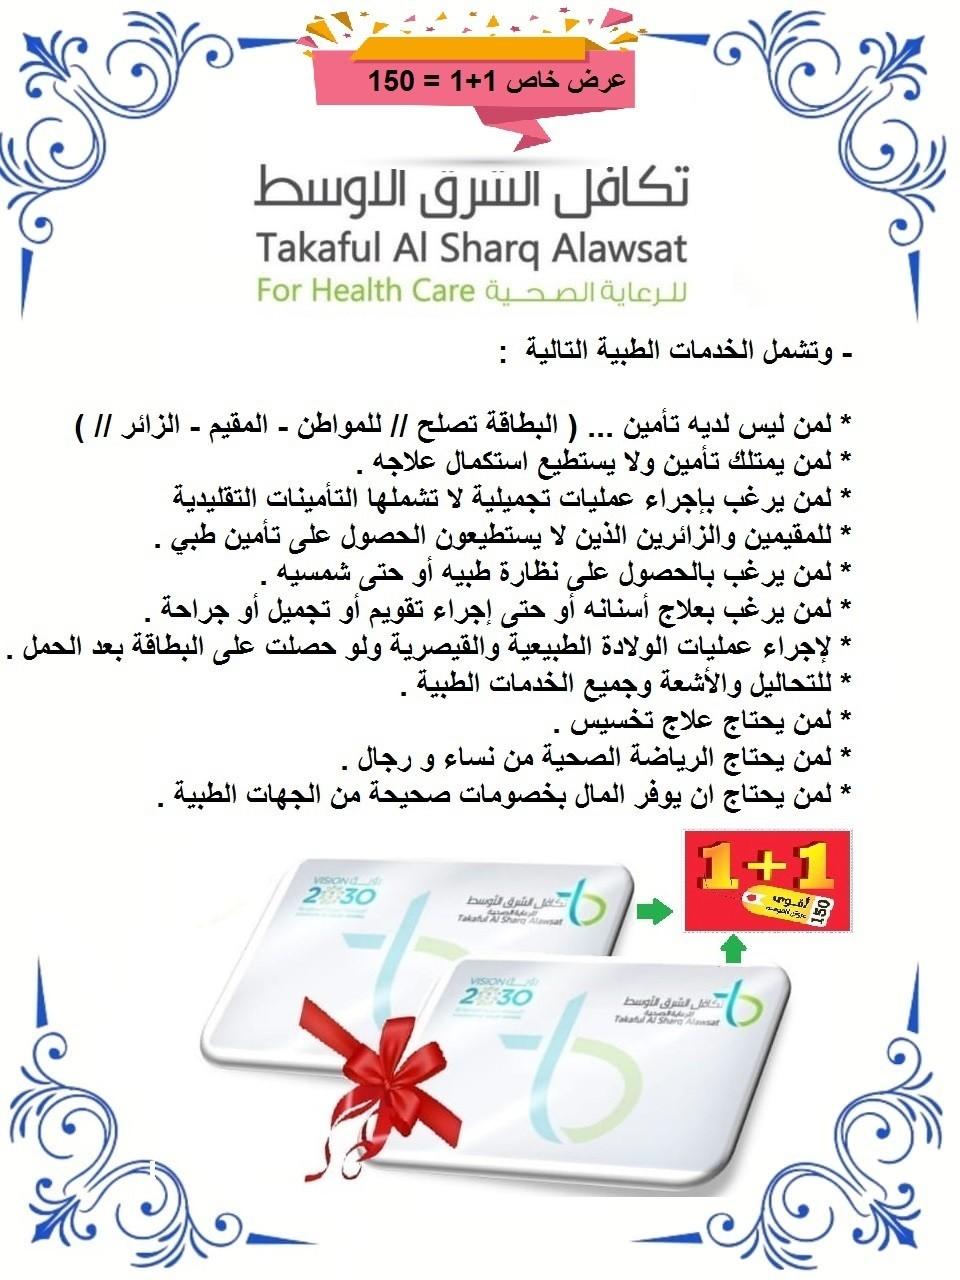 بطاقة الخصم الطبي